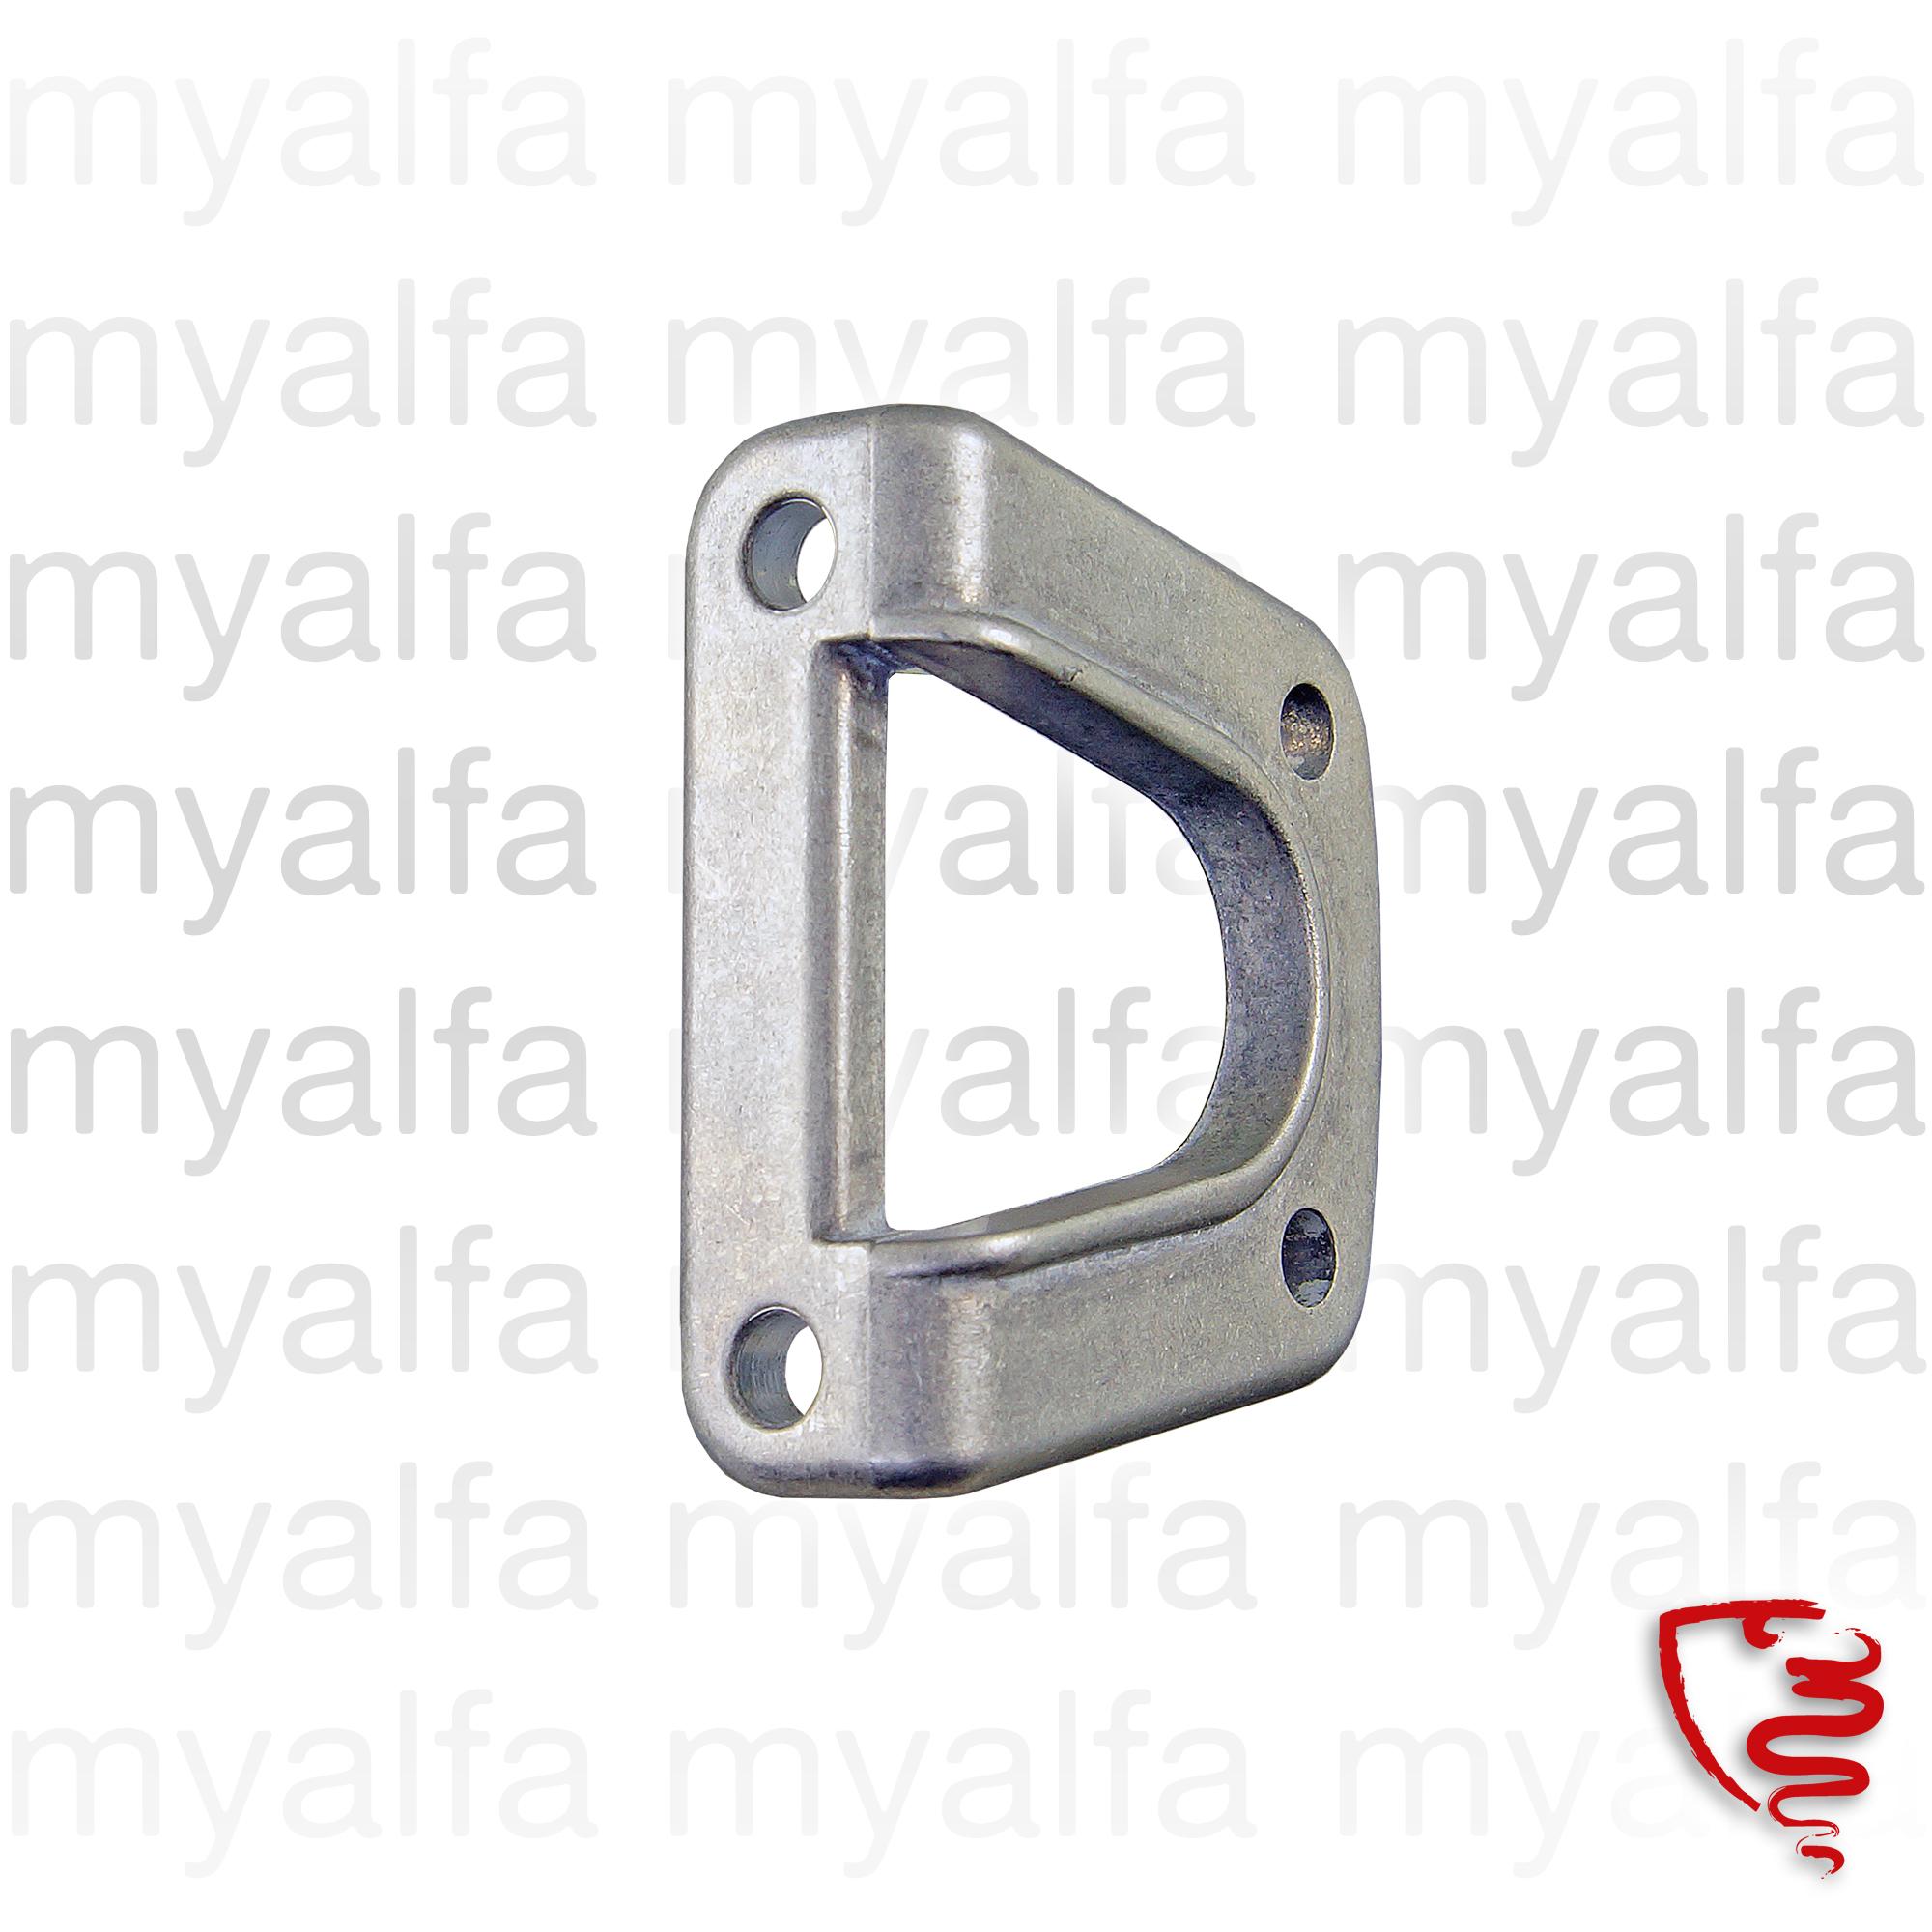 stop guide door for 105/115, Interior, Doors, Mechanical parts